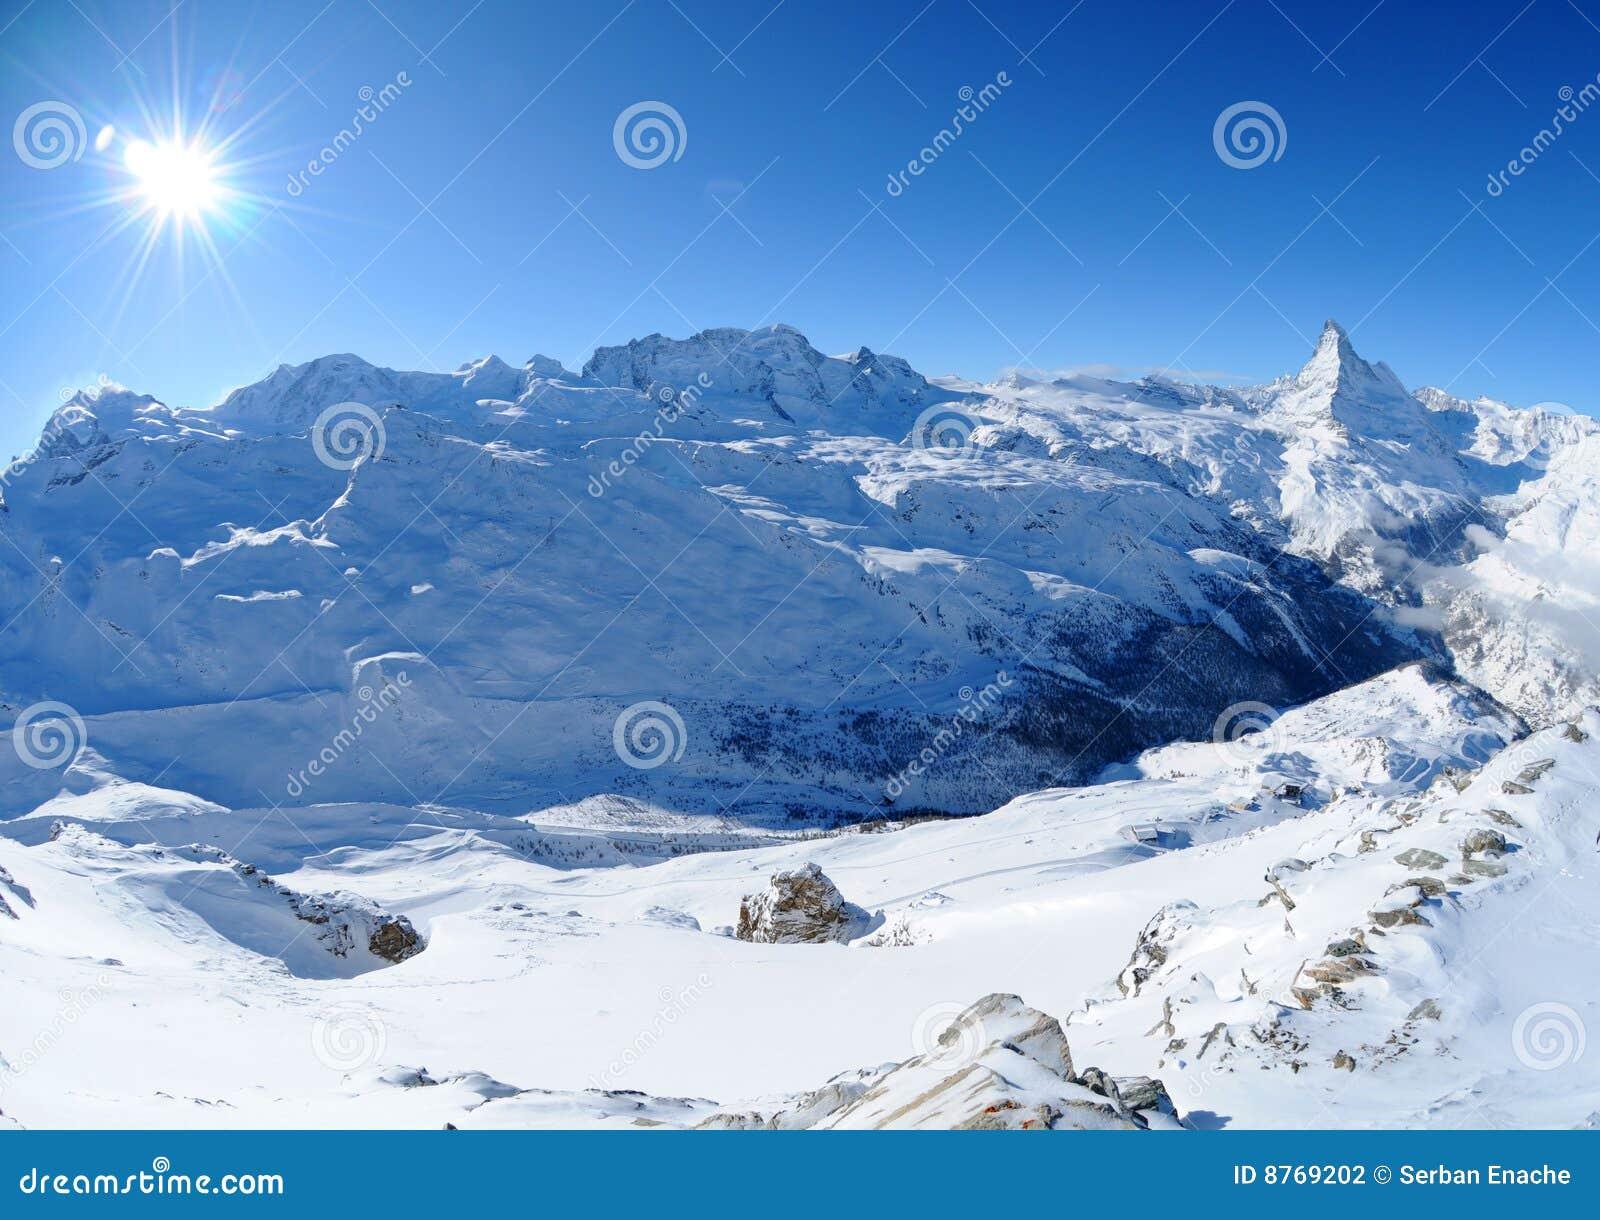 Matterhorn monte rosa